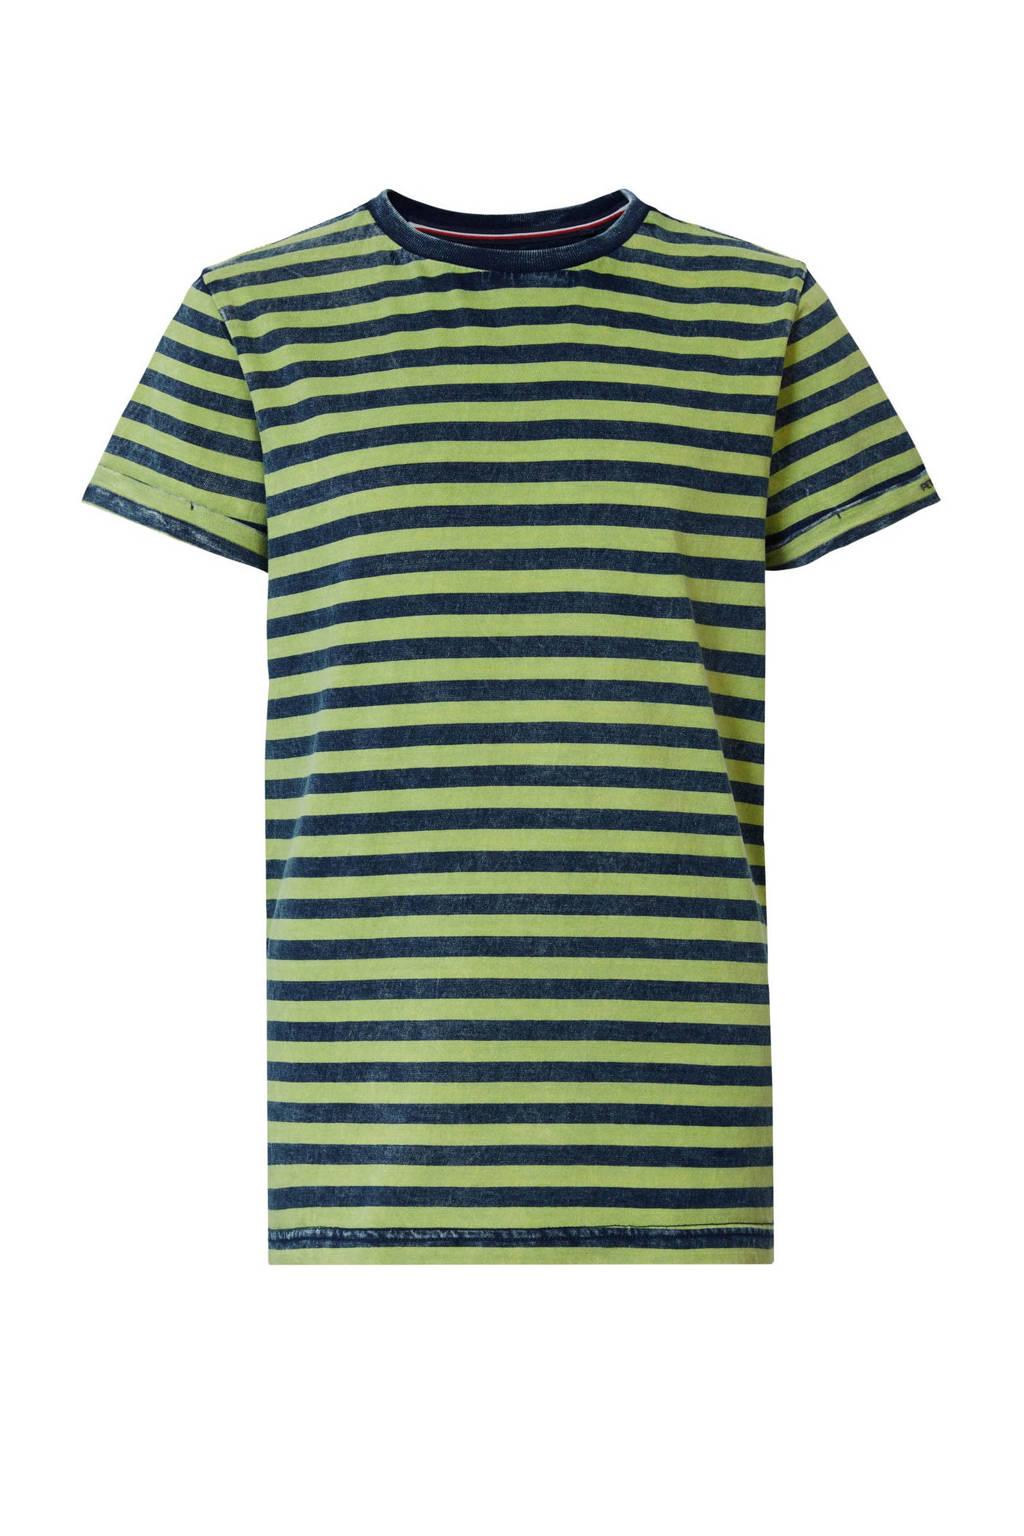 Petrol Industries gestreept T-shirt limegroen/donkerblauw, Limegroen/donkerblauw